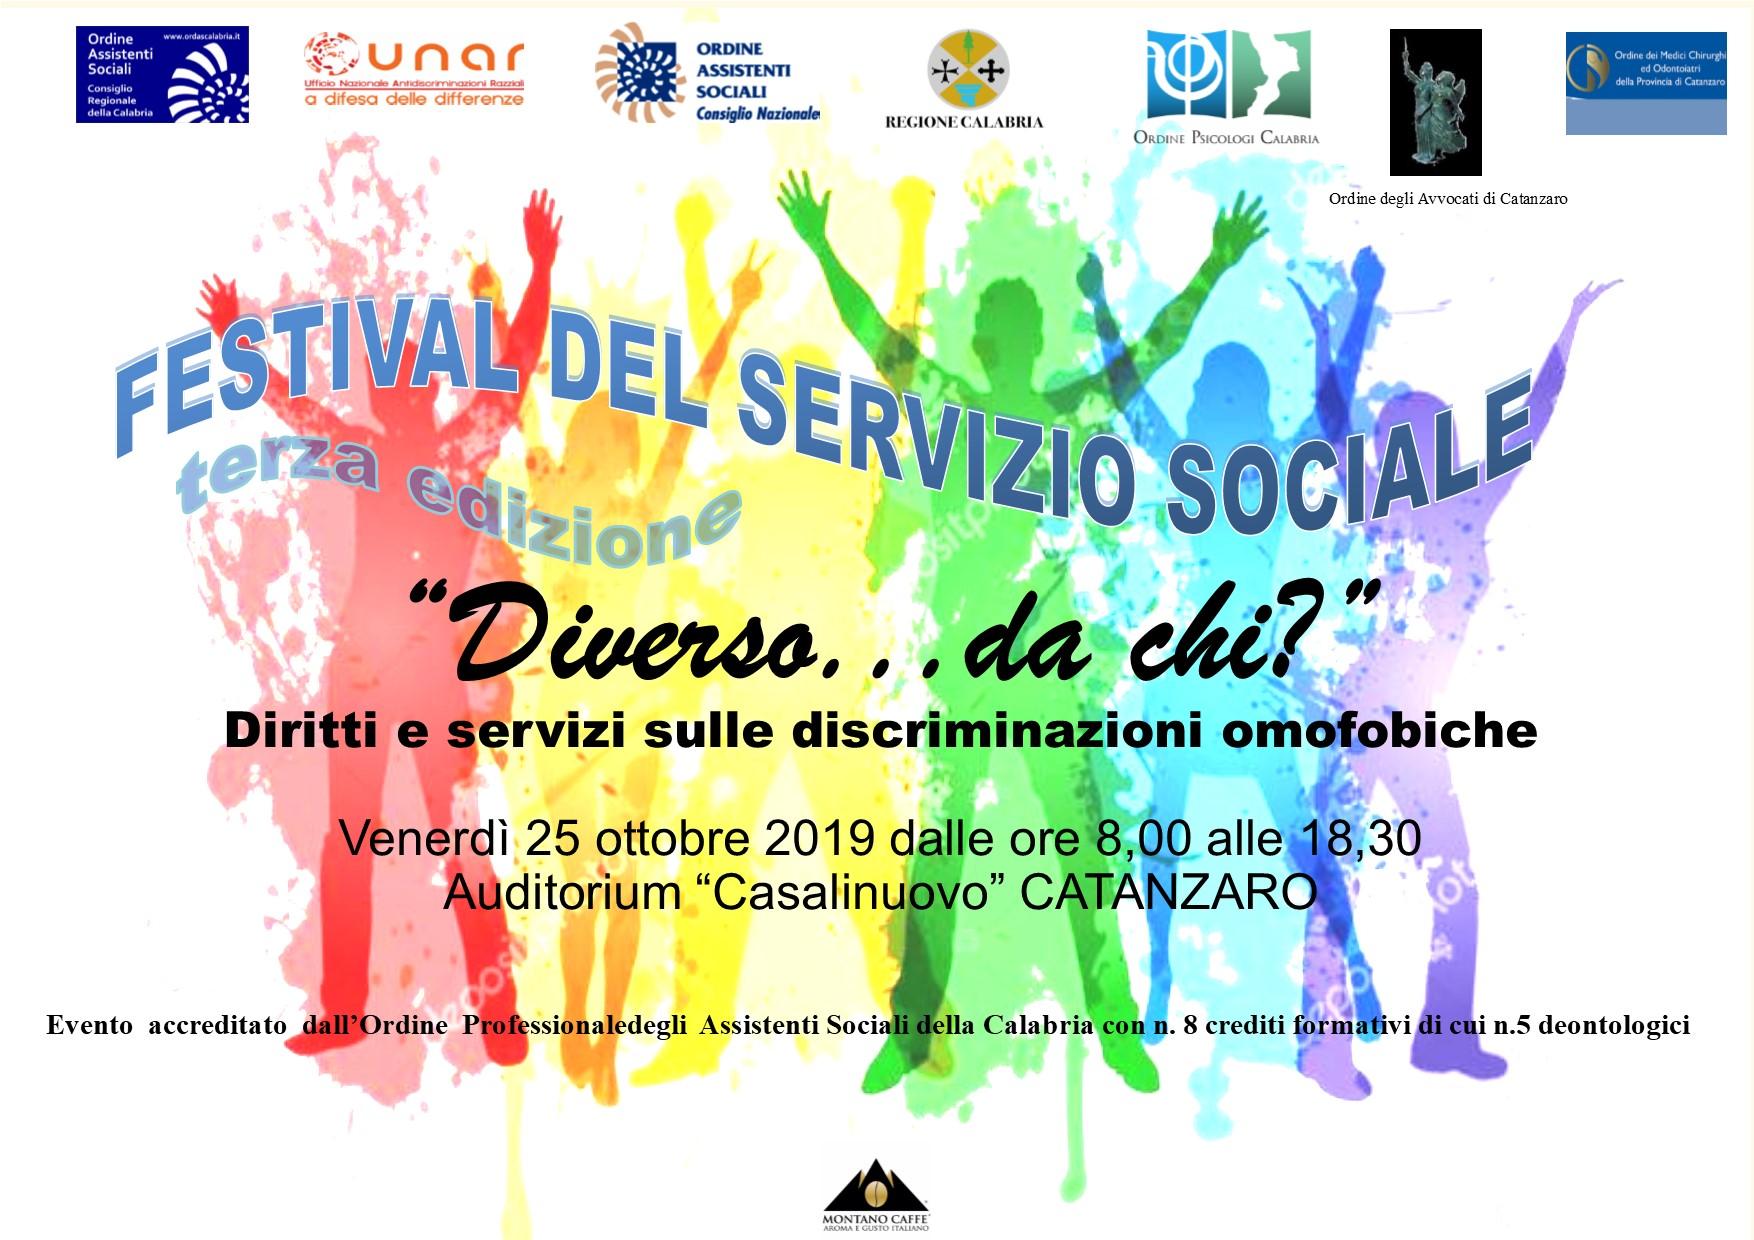 Festival del servizio sociale